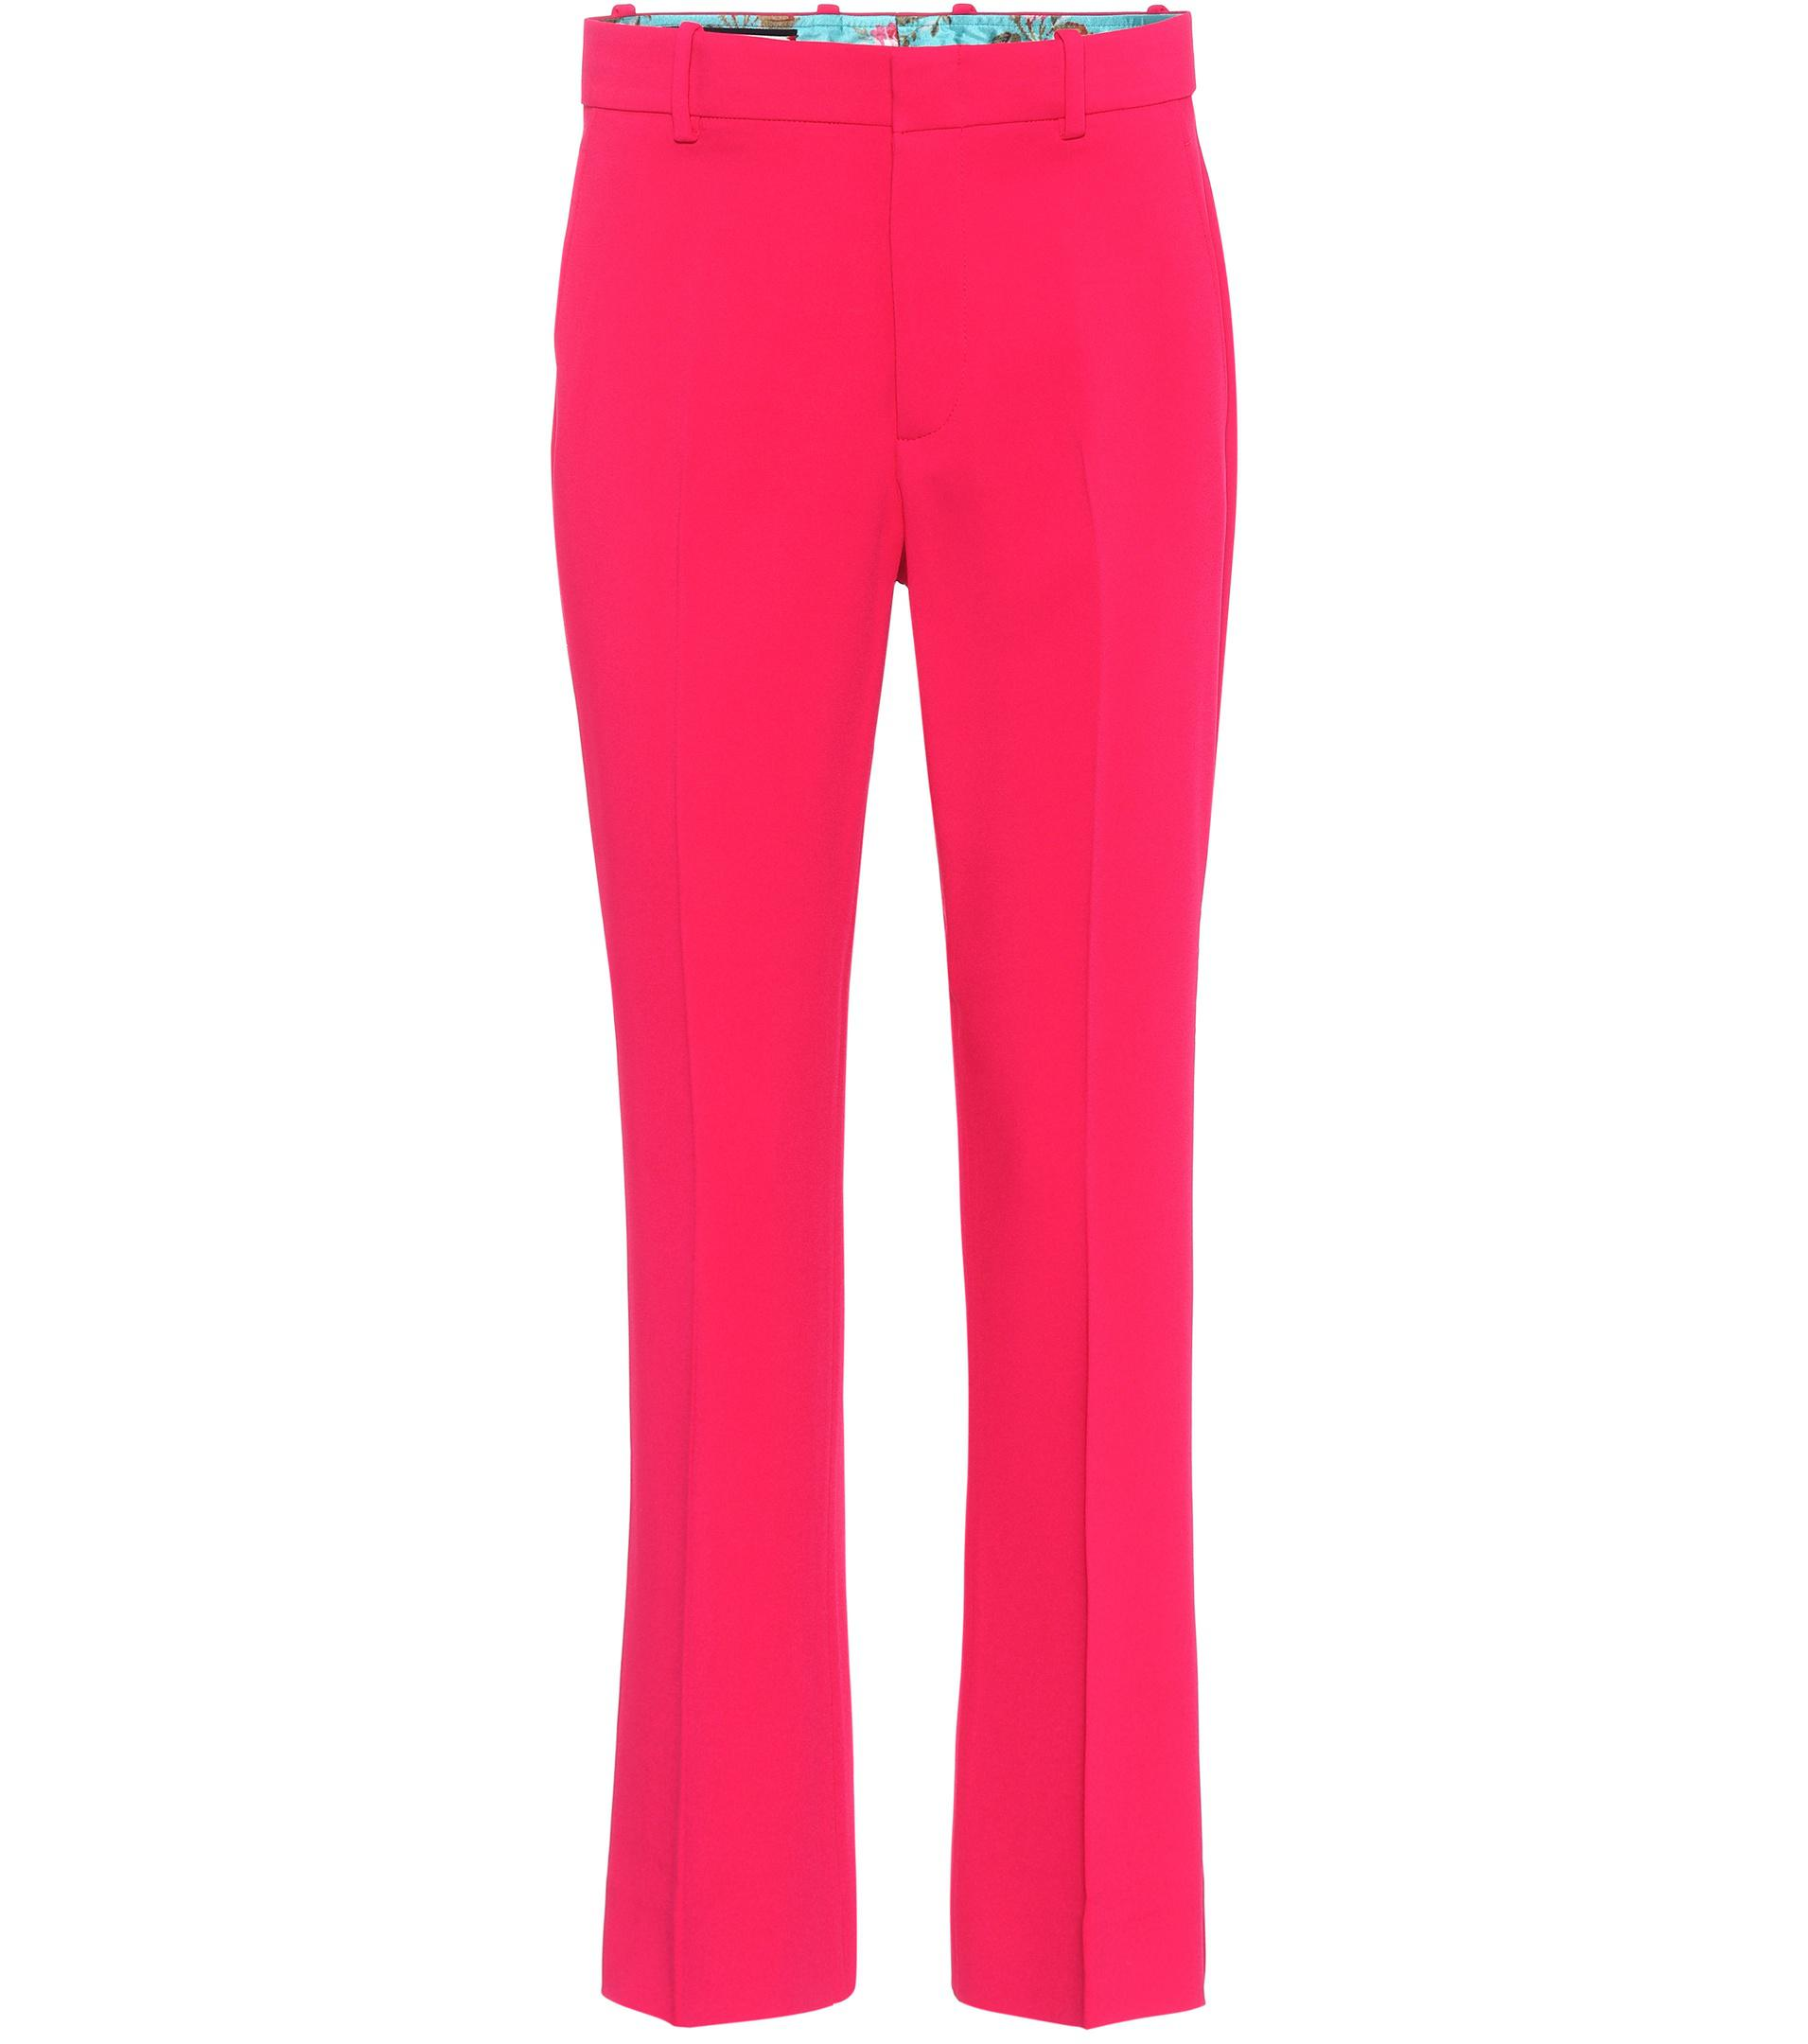 Pantalons À Taille Haute Gucci KM1hgeVbt